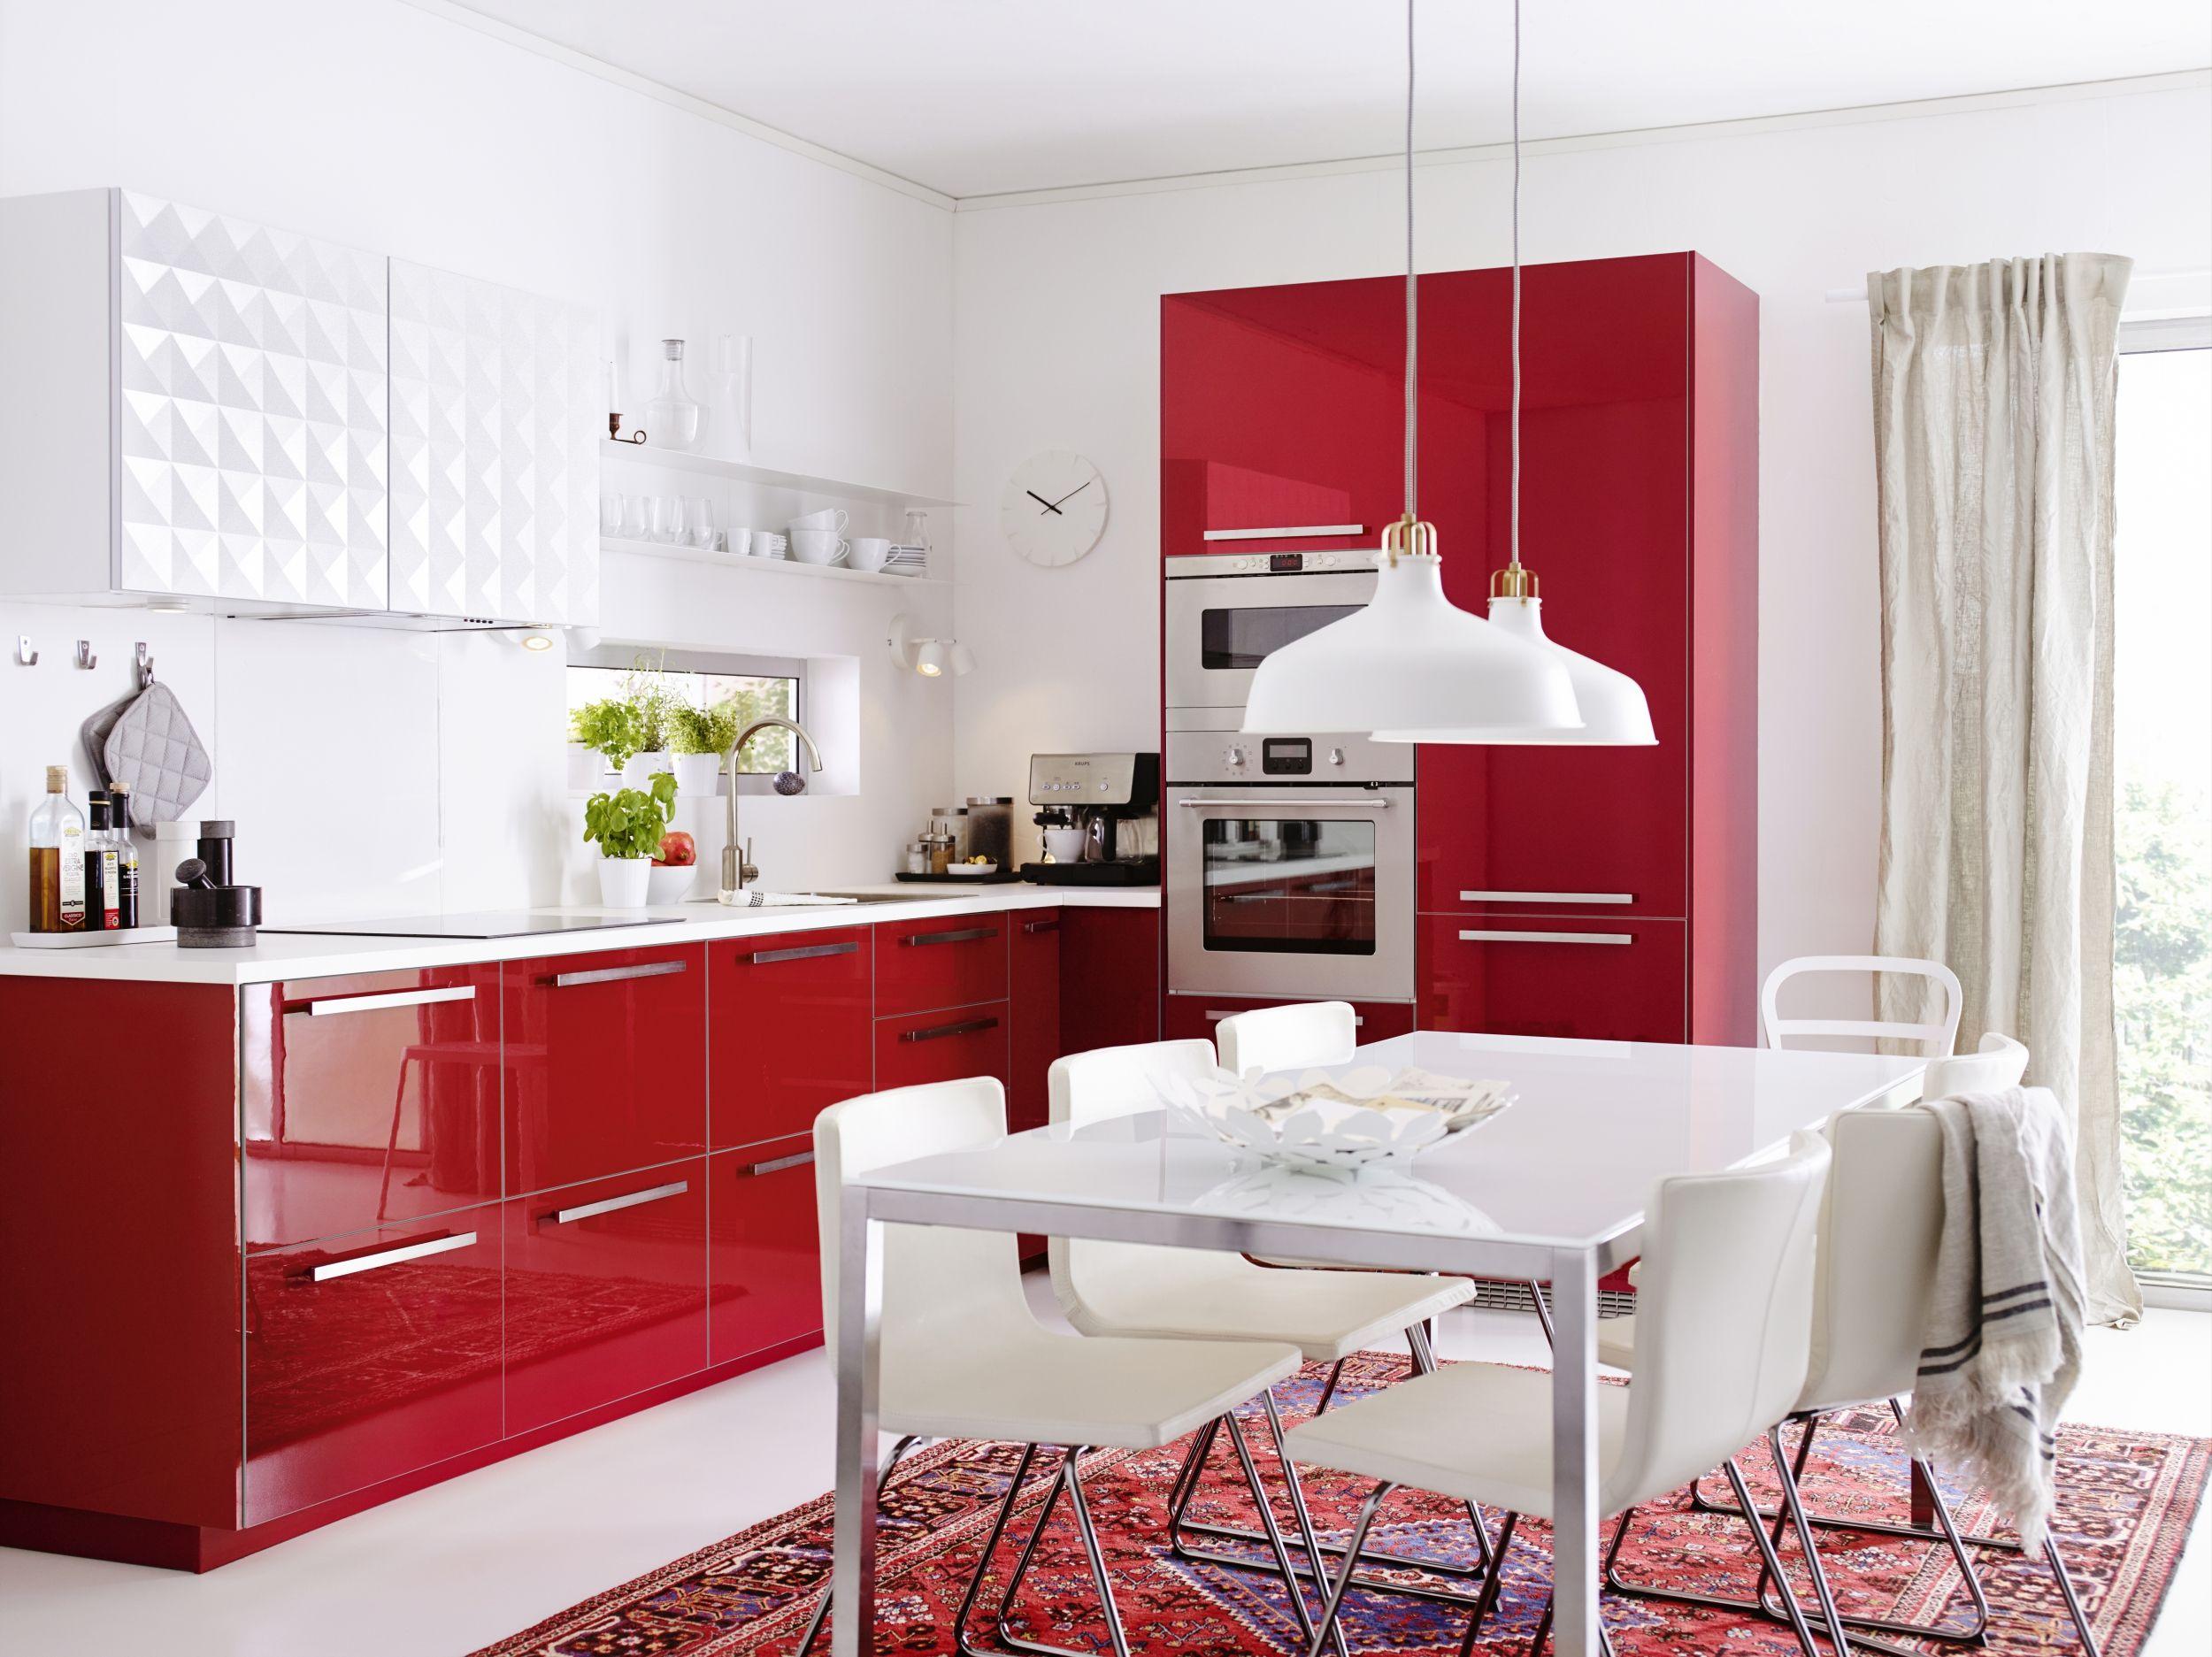 Ikea Hack Craft Room Table An Easy Ikea Hack For Your Craft Room Kallax Ikea Craft Room Tables Diy Ikea Hacks